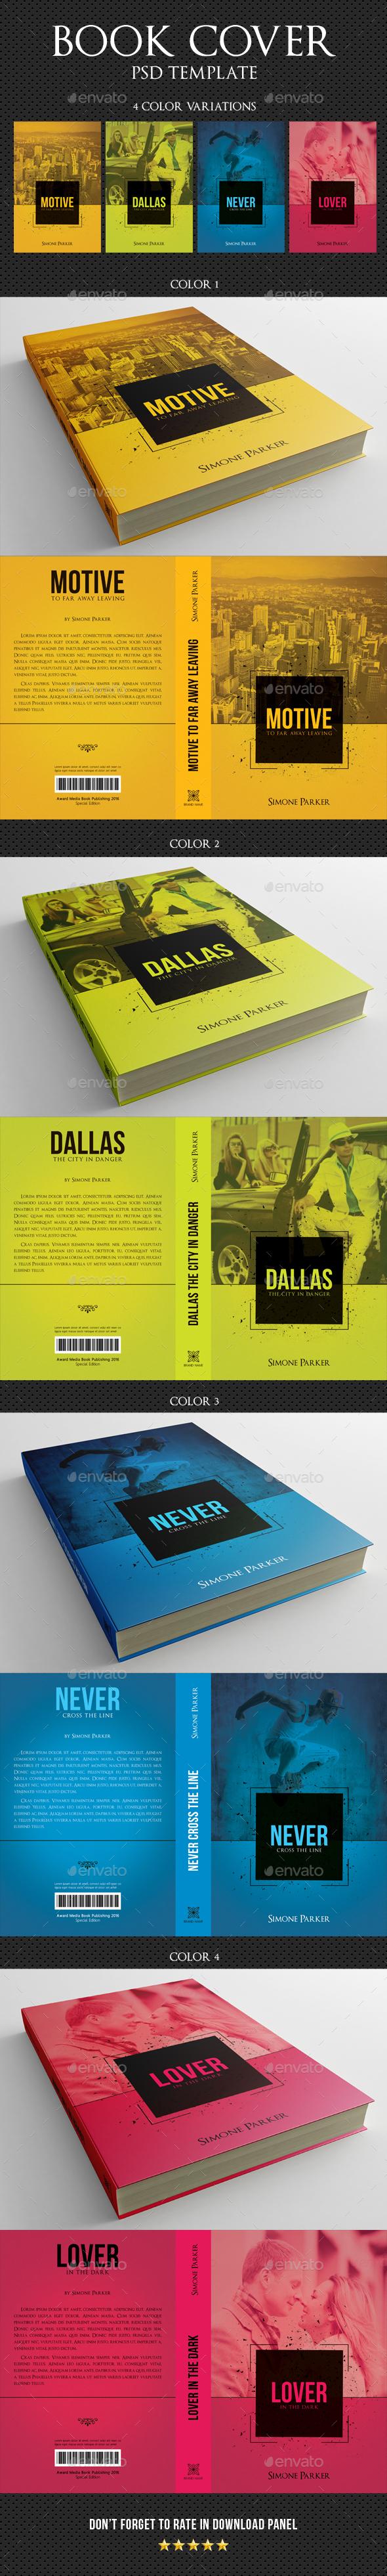 Graphicriver Book Cover Template Vol : Book cover template by rapidgraf graphicriver